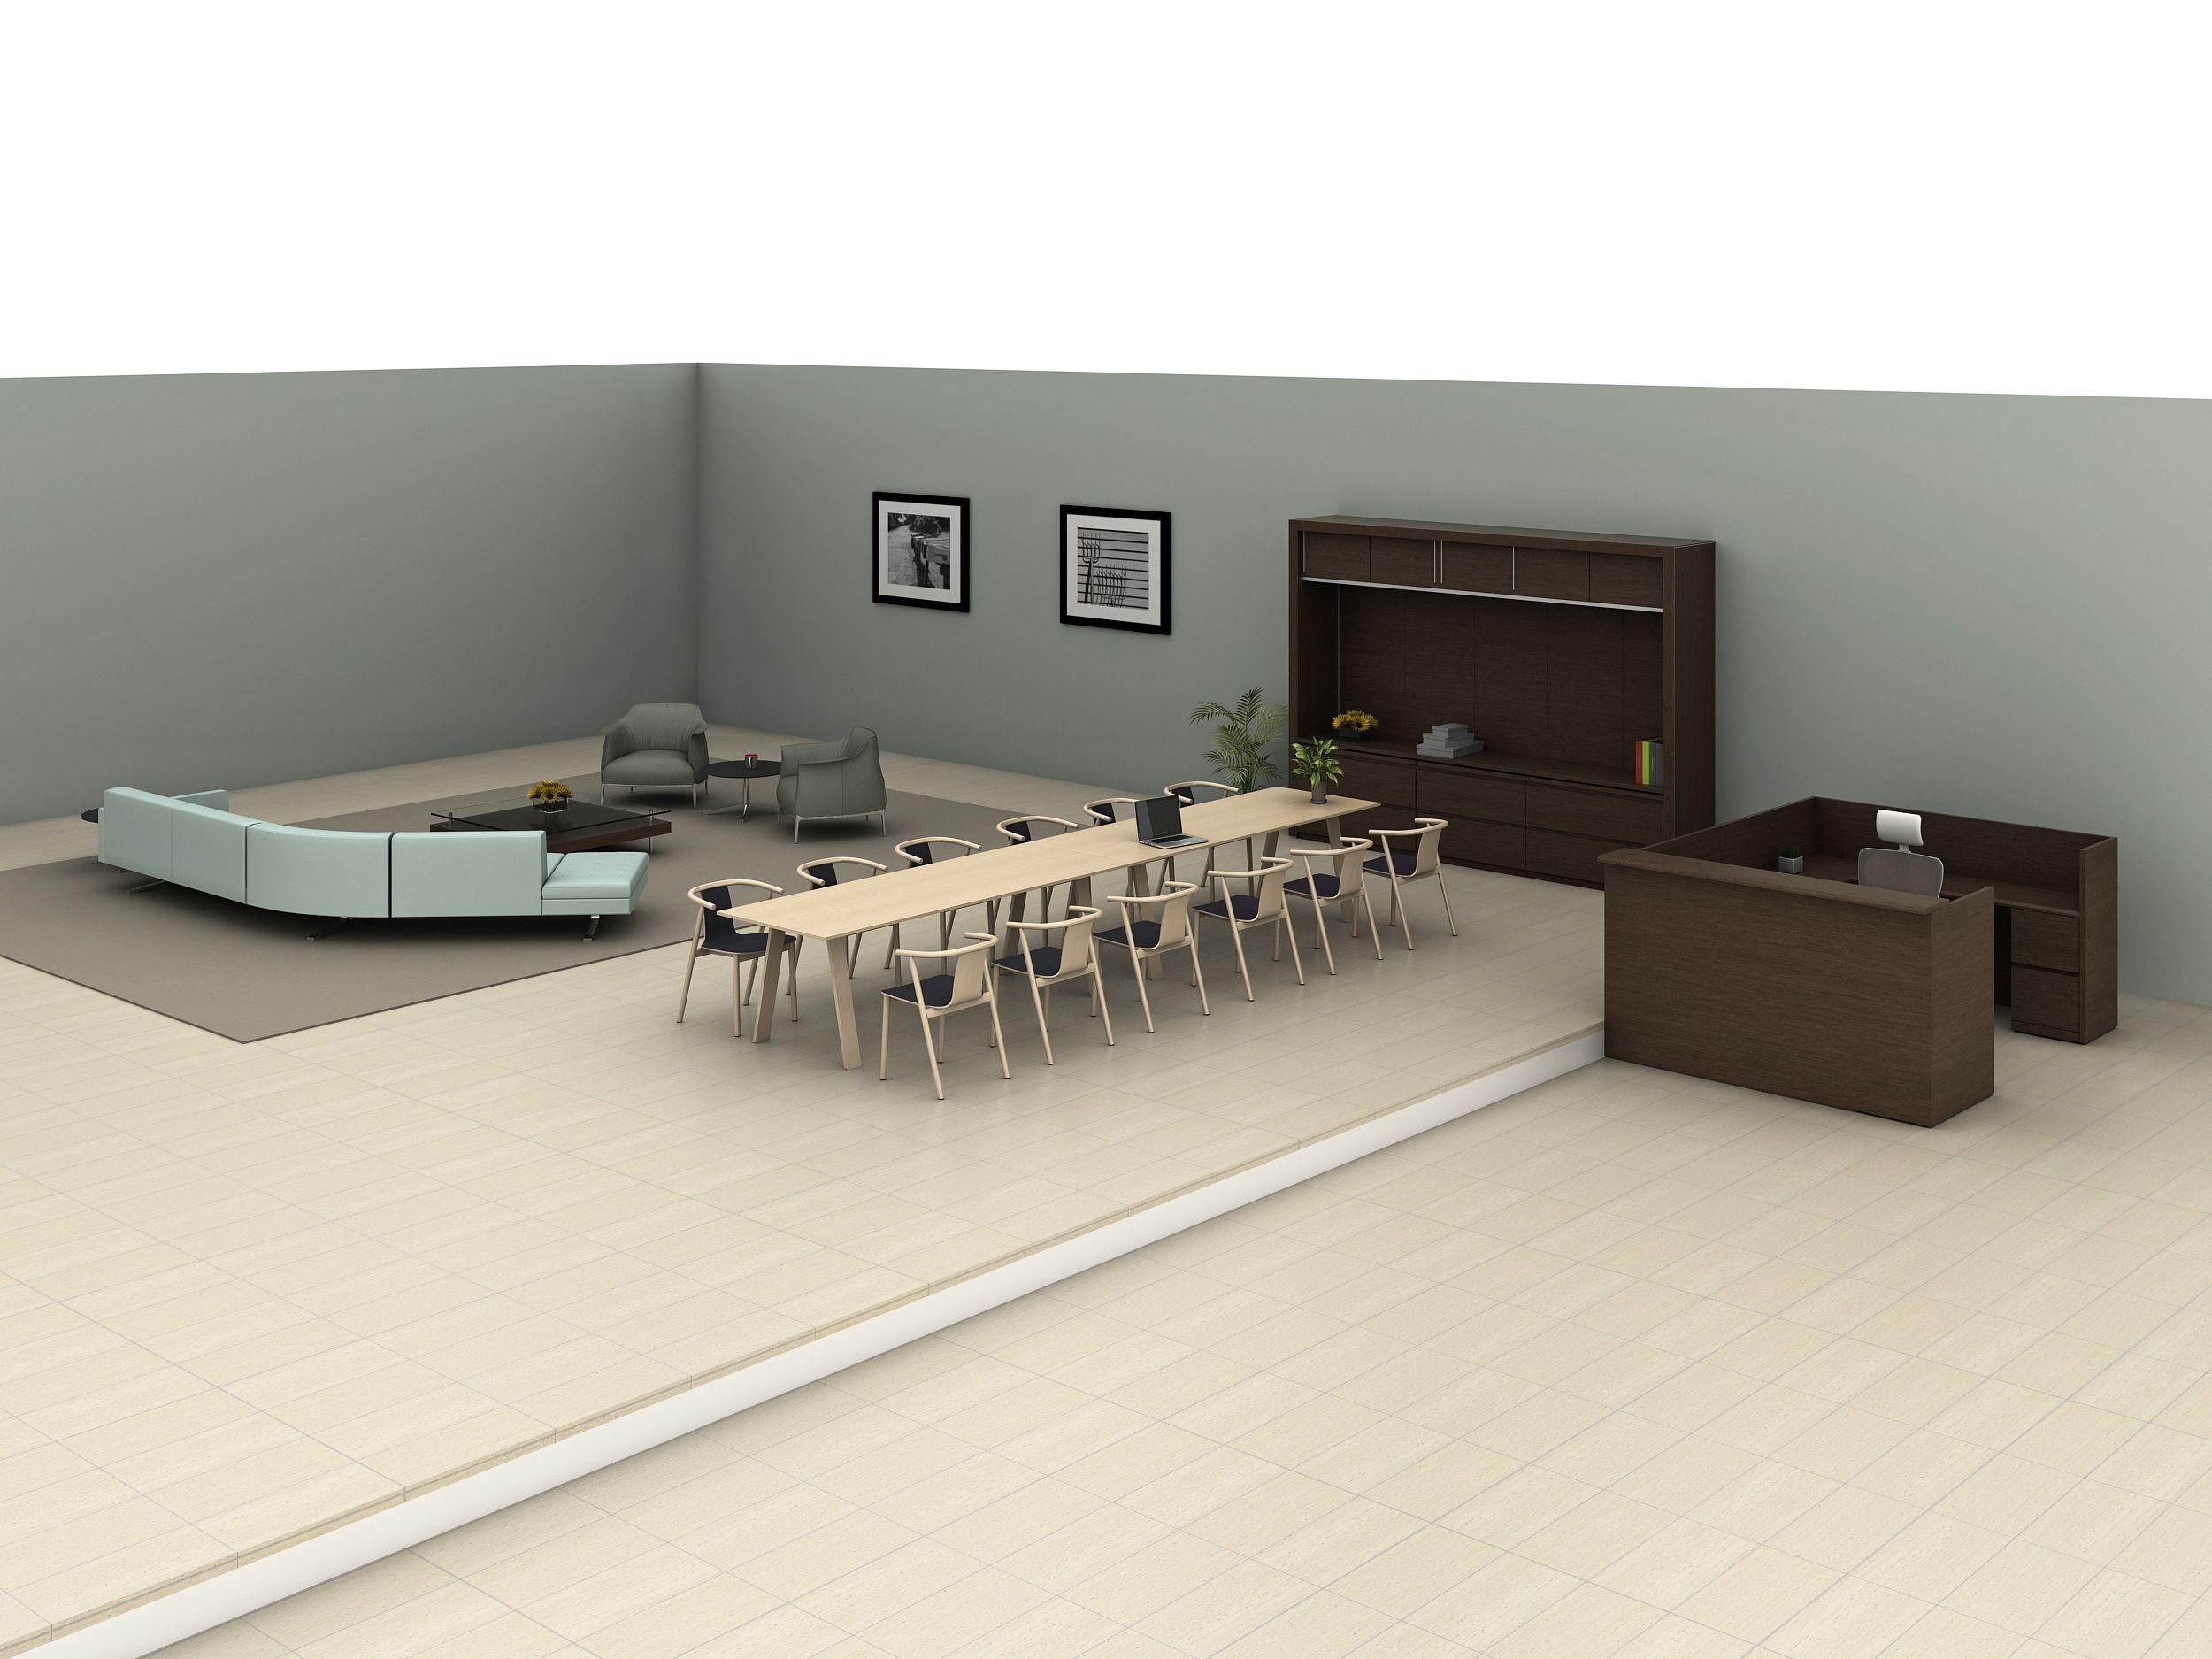 Haworth  Idea Starter 216  Design Intent Collaborative Space